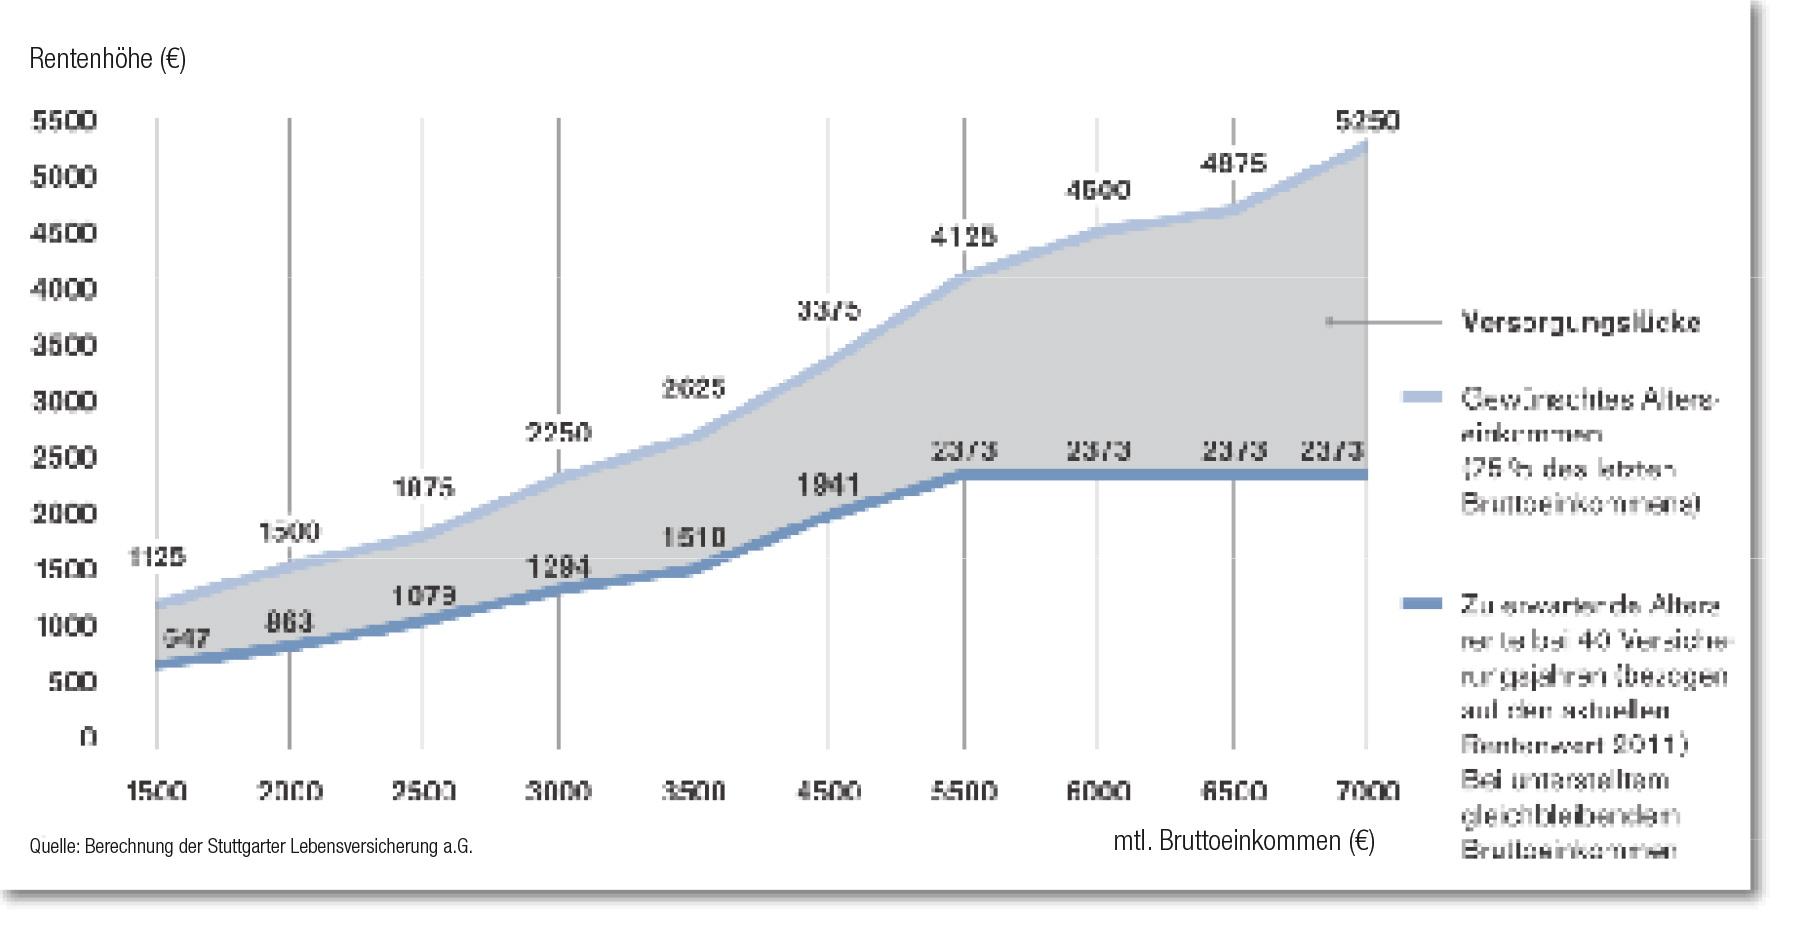 Unterstützungskasse - Kloeppel Versicherungsmakler GmbH